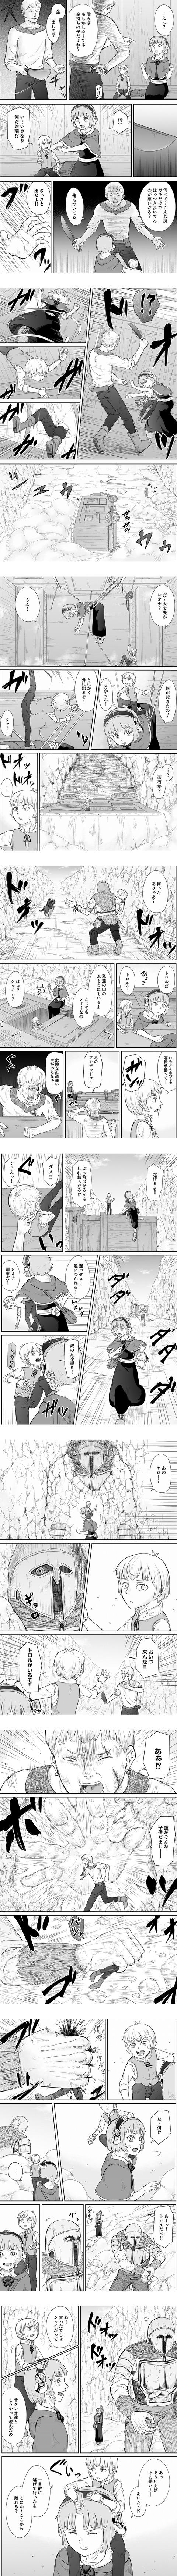 レオナ3話_010-vert